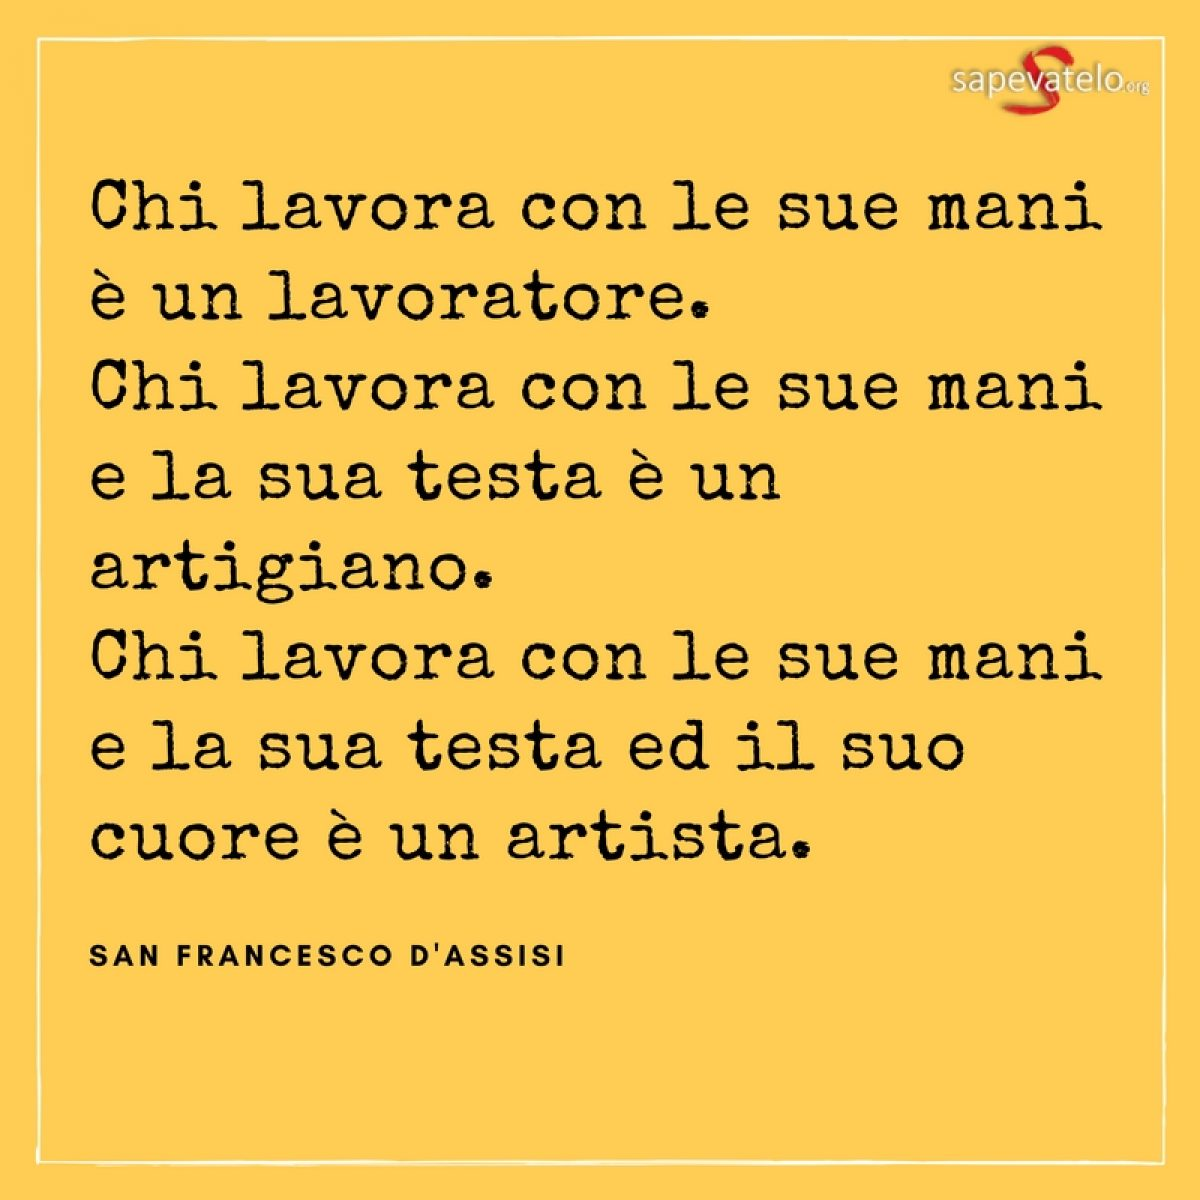 Frasi Matrimonio San Francesco.Frasi Celebri 8 Sapevatelo